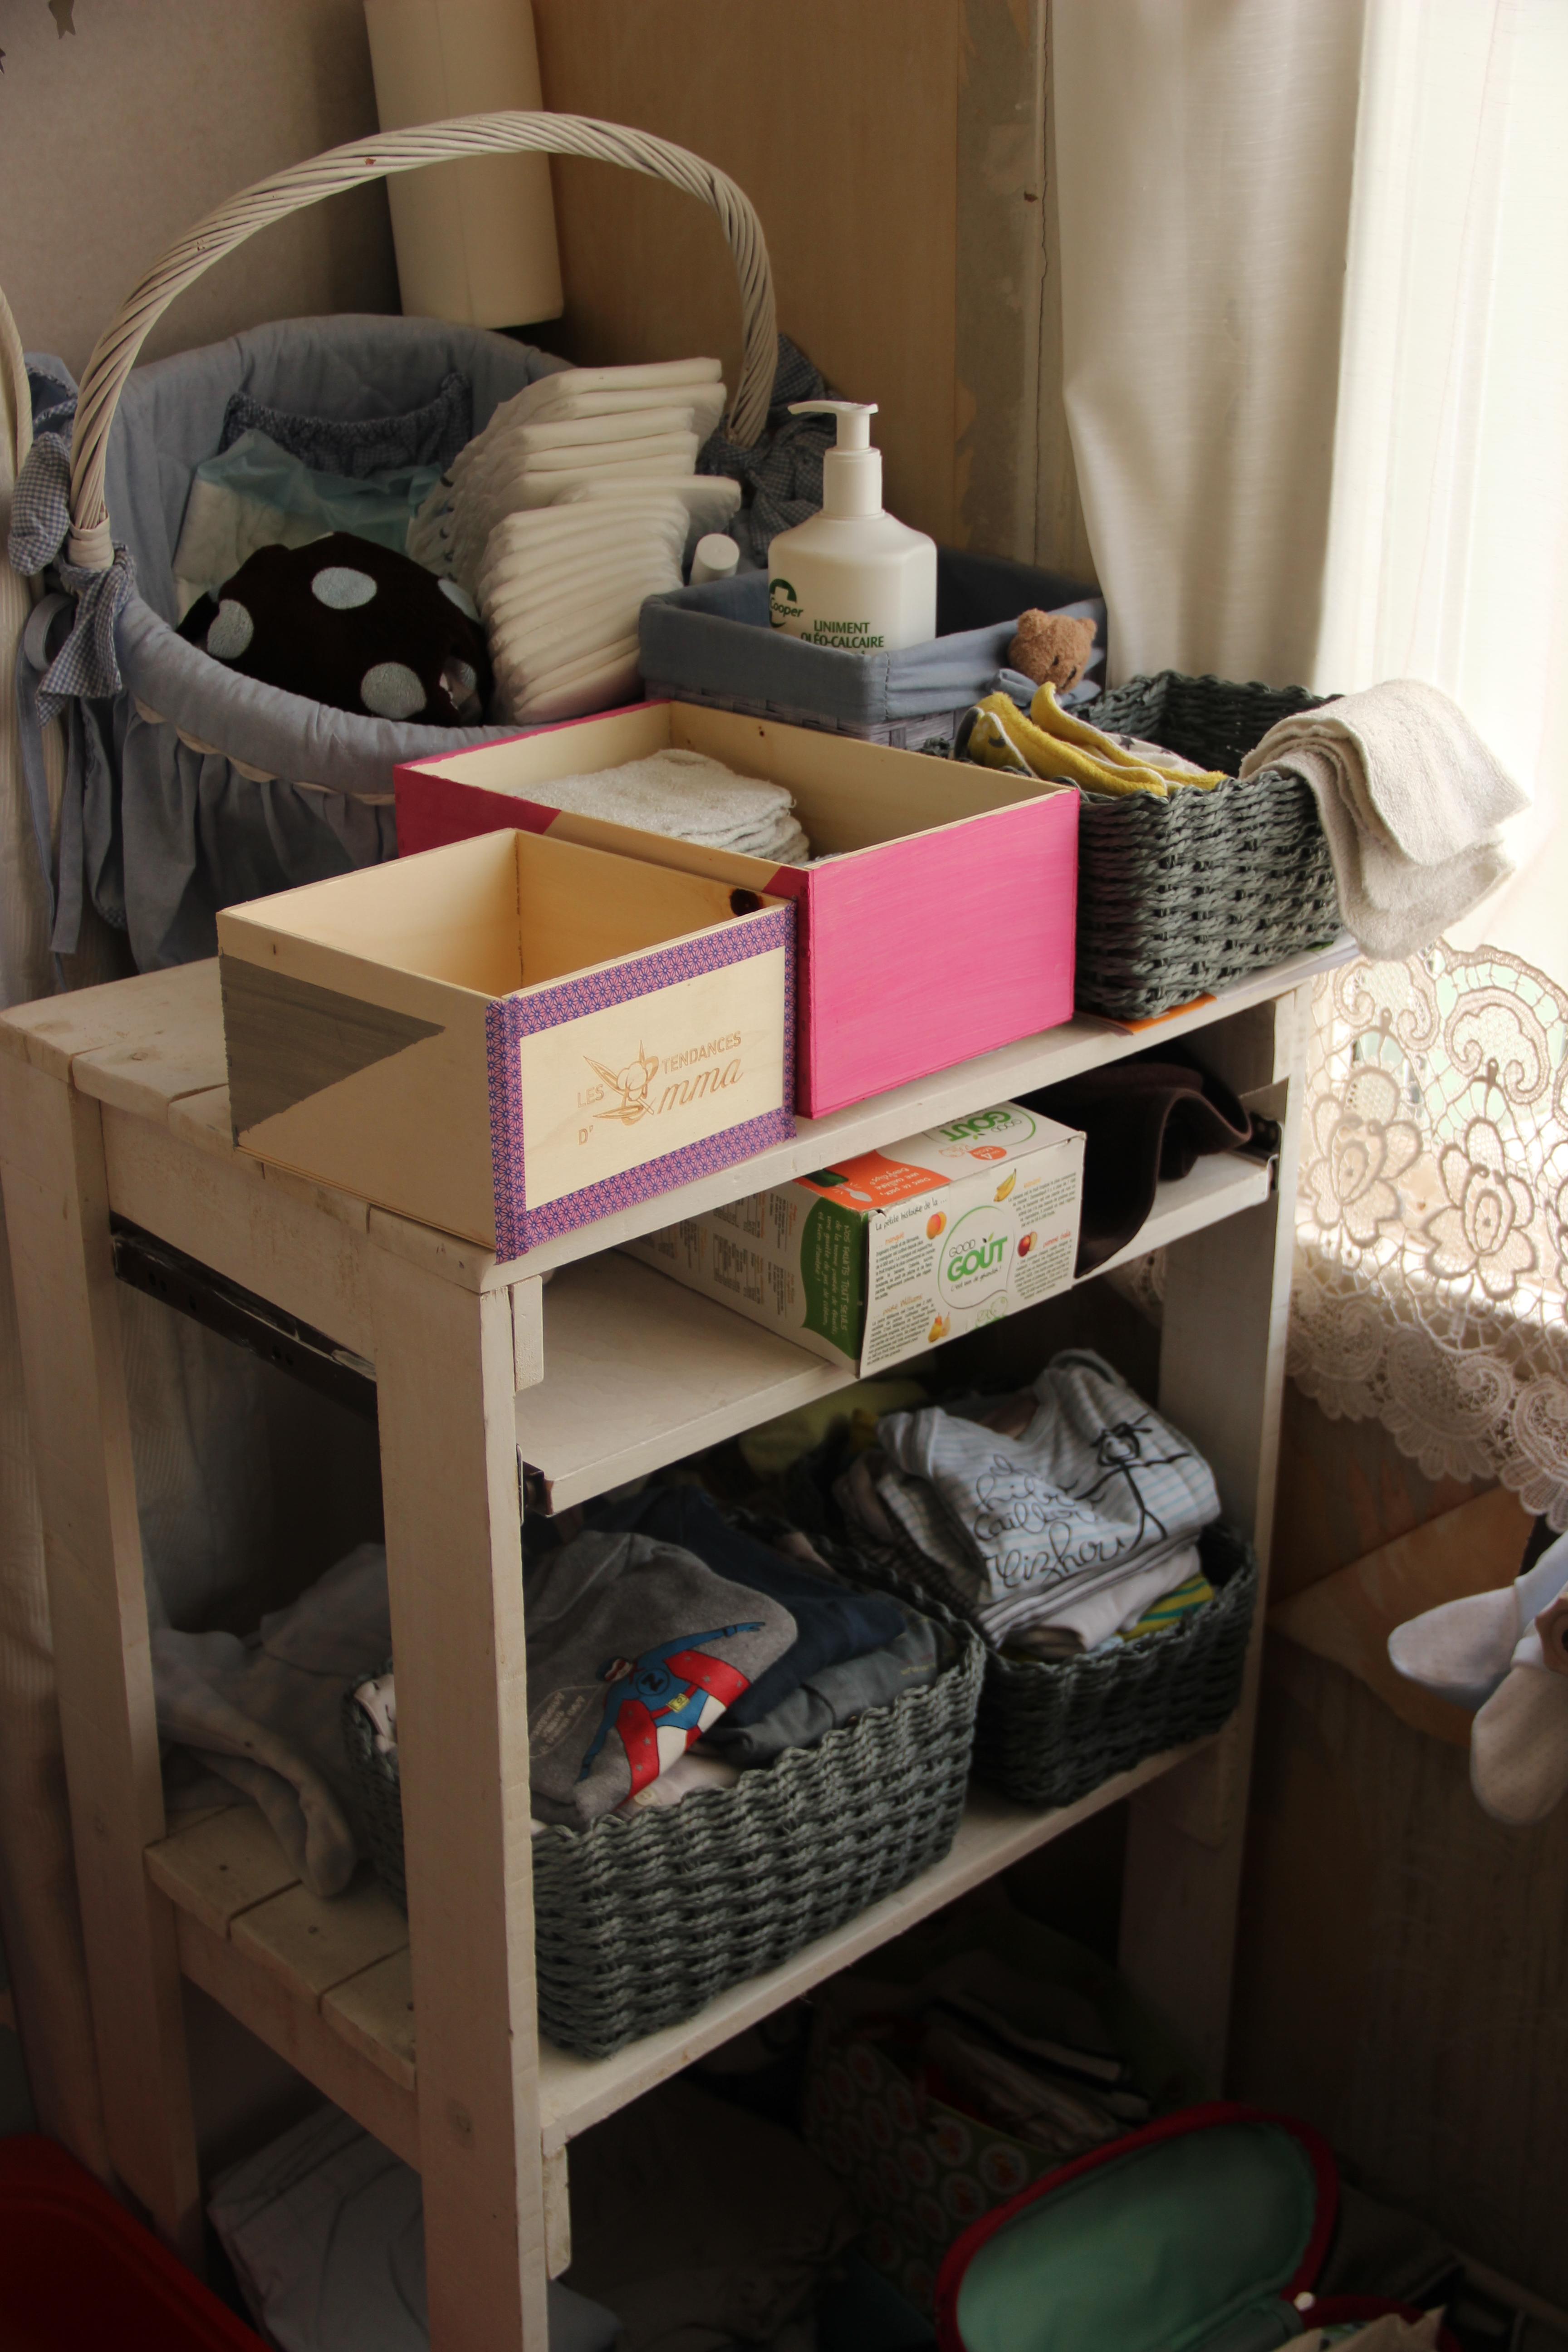 le change le lavable lingettes d barbouillette dans une grande famille m recruelle damebidou. Black Bedroom Furniture Sets. Home Design Ideas